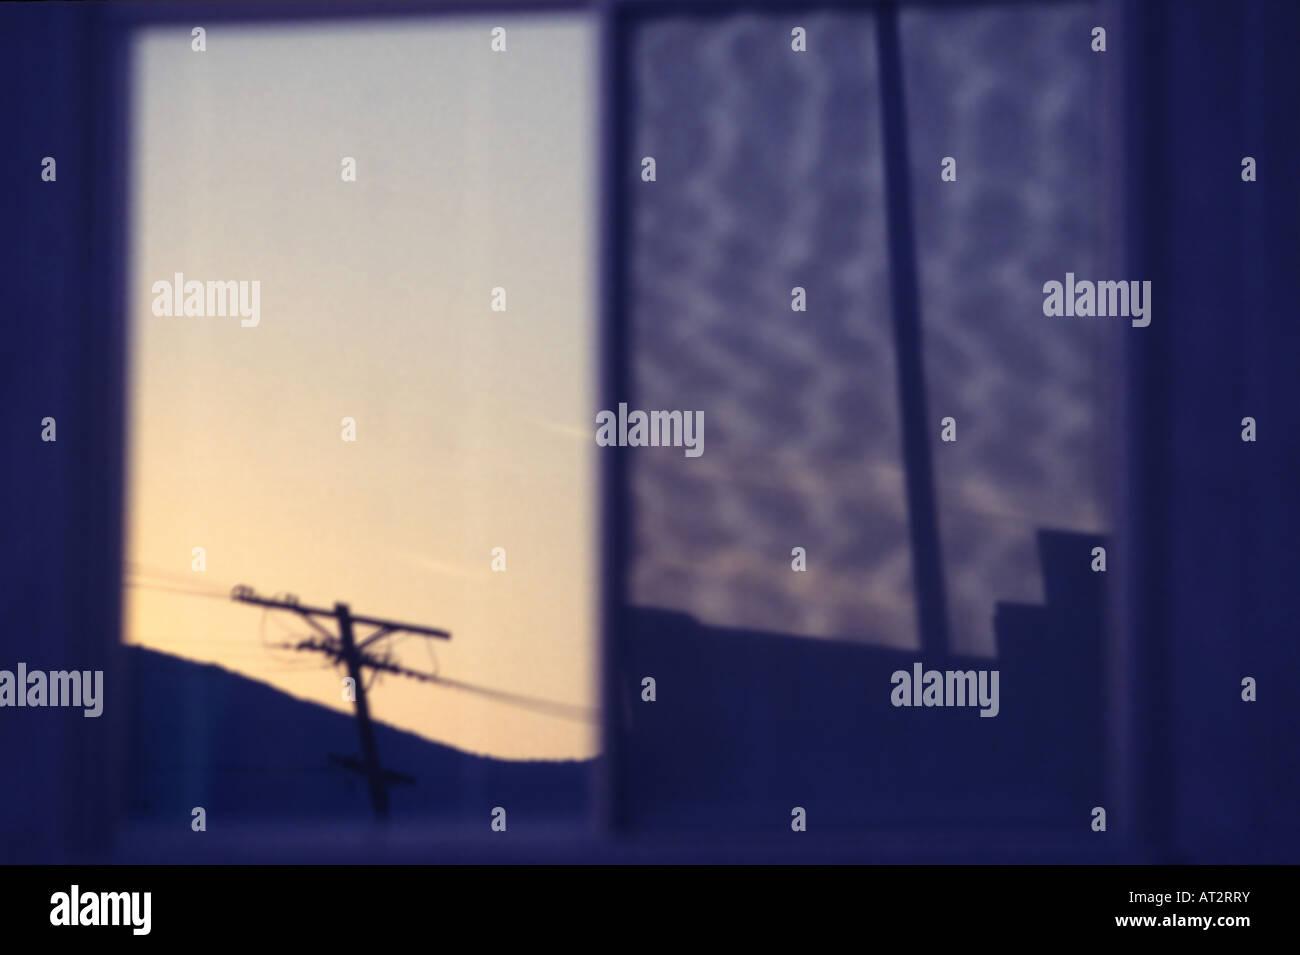 La réflexion abstraite de poteau de téléphone dans la fenêtre horizontale Photo Stock